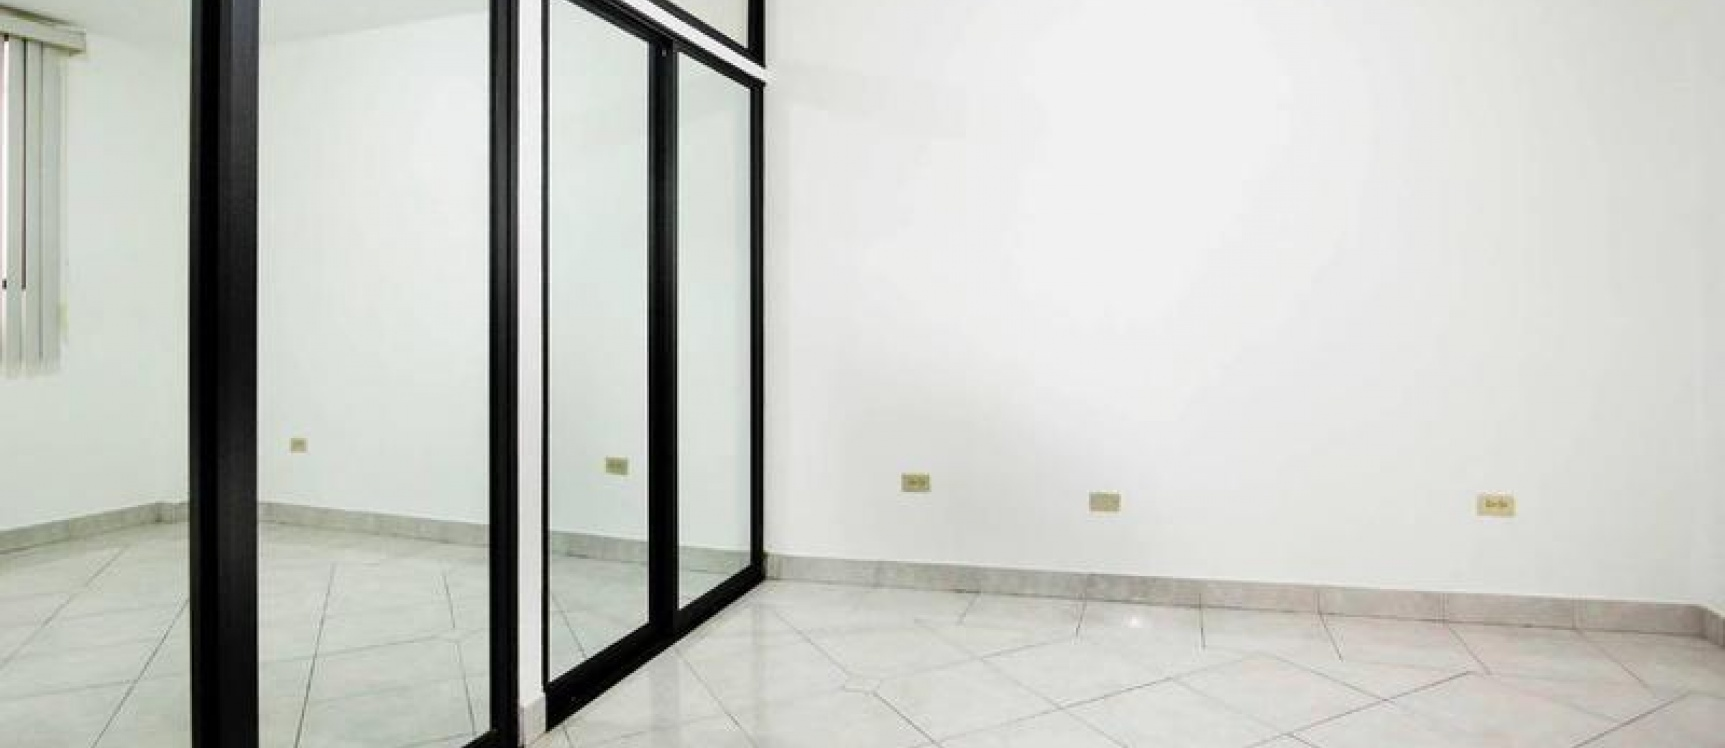 GeoBienes - Departamento en venta, Calle Brasil y Eloy Alfaro -  centro de Guayaquil - Ecuador - Plusvalia Guayaquil Casas de venta y alquiler Inmobiliaria Ecuador